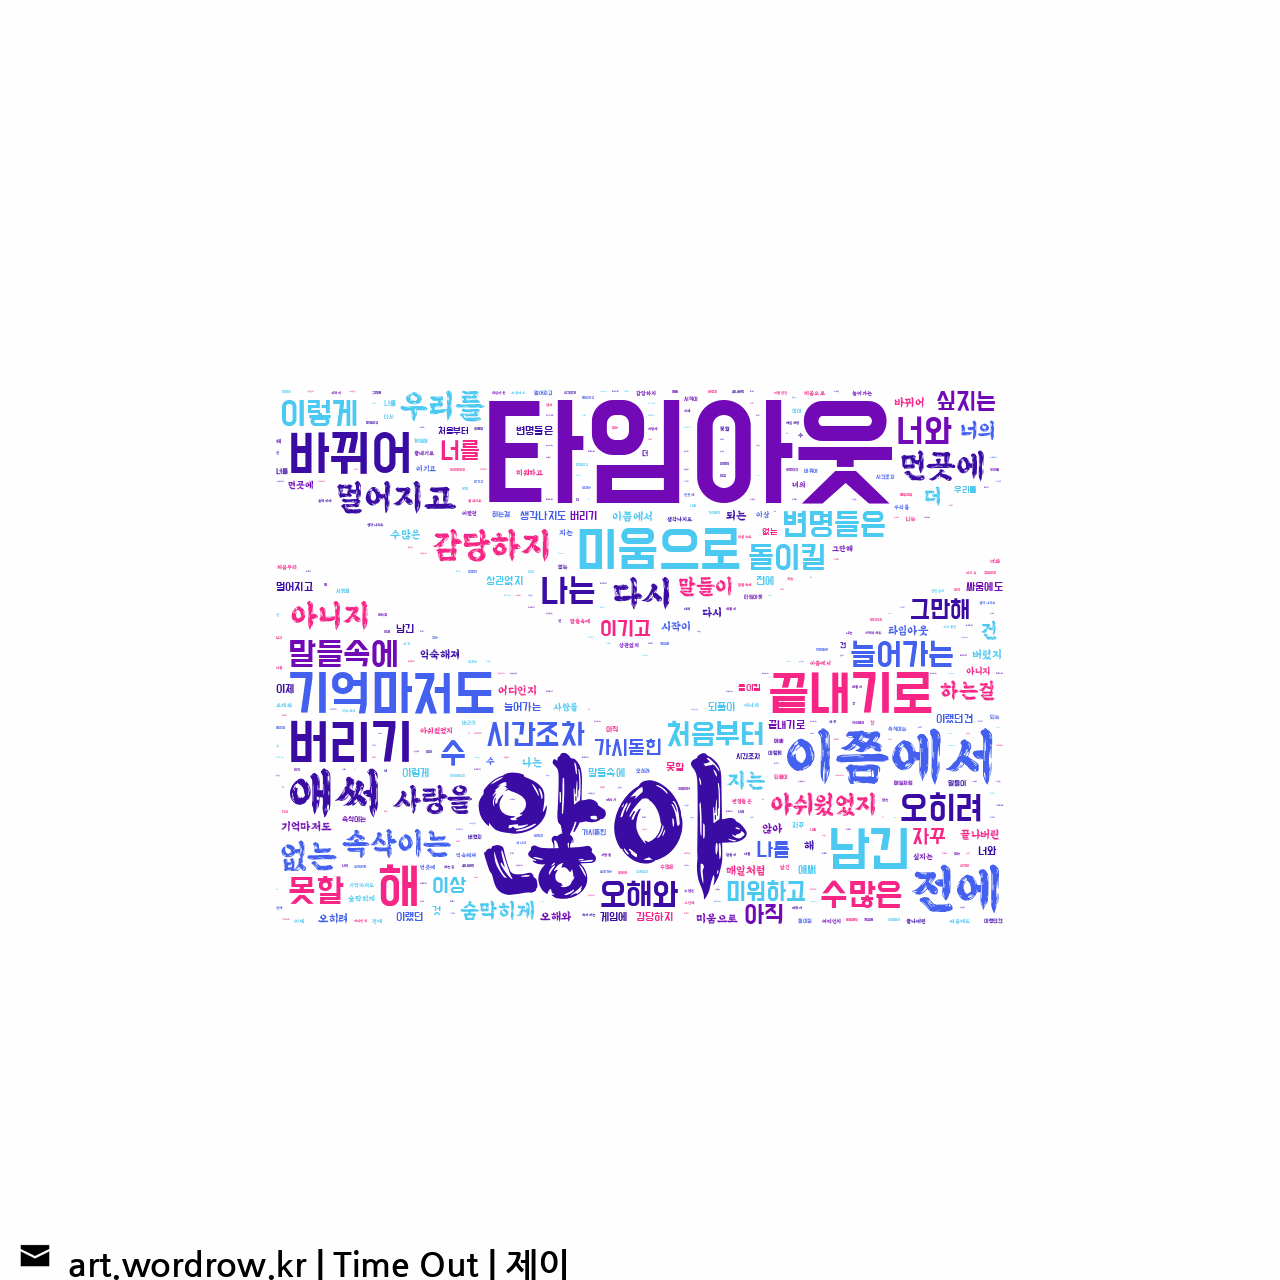 워드 아트: Time Out [제이]-14